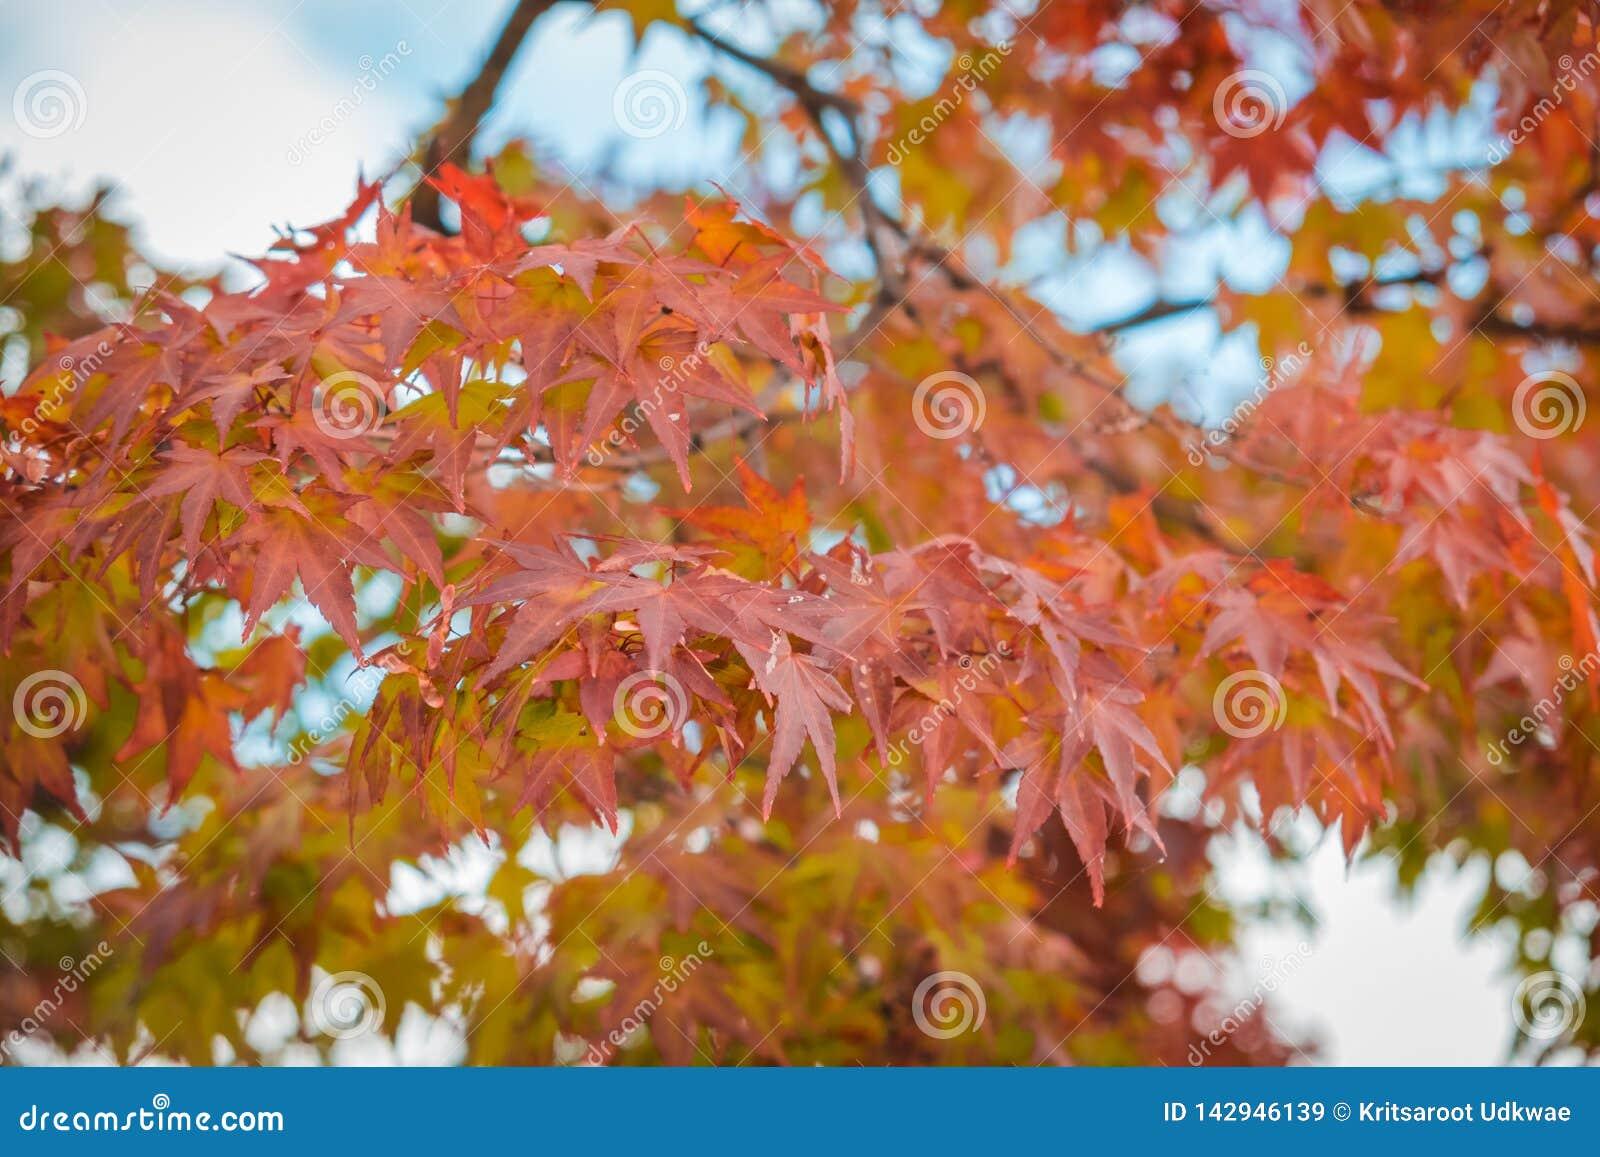 Hojas de arce rojas con el fondo de la falta de definición en la estación del otoño